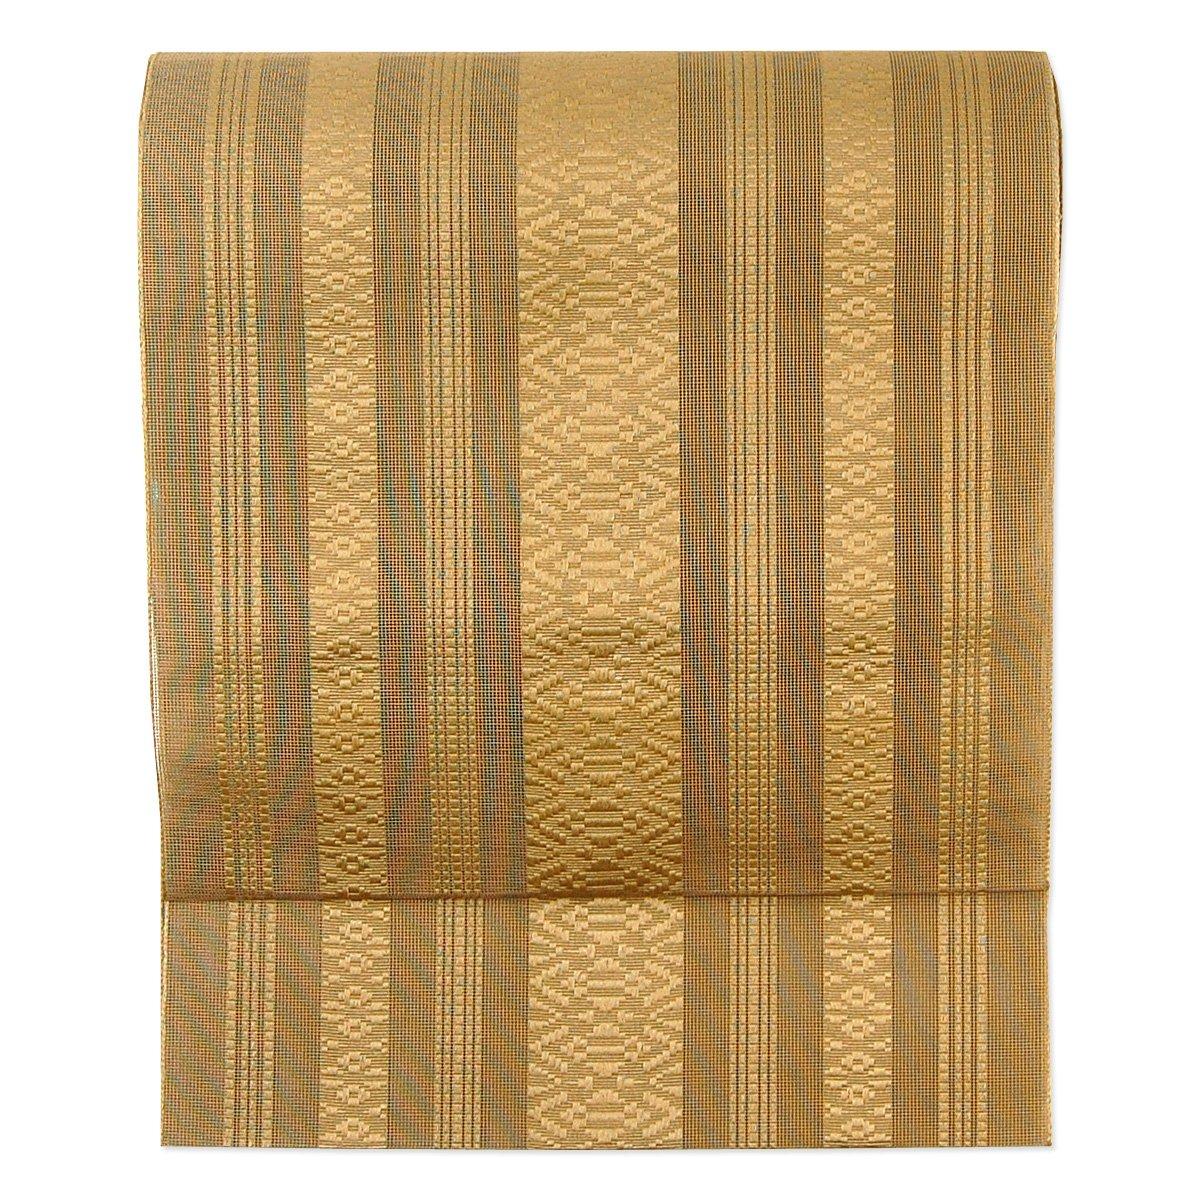 夏帯18色(紗献上袋名古屋帯)締め心地爽やか かがり仕立付 B002SIYTJ0 付け帯に加工する|15:薄茶 15:薄茶 付け帯に加工する